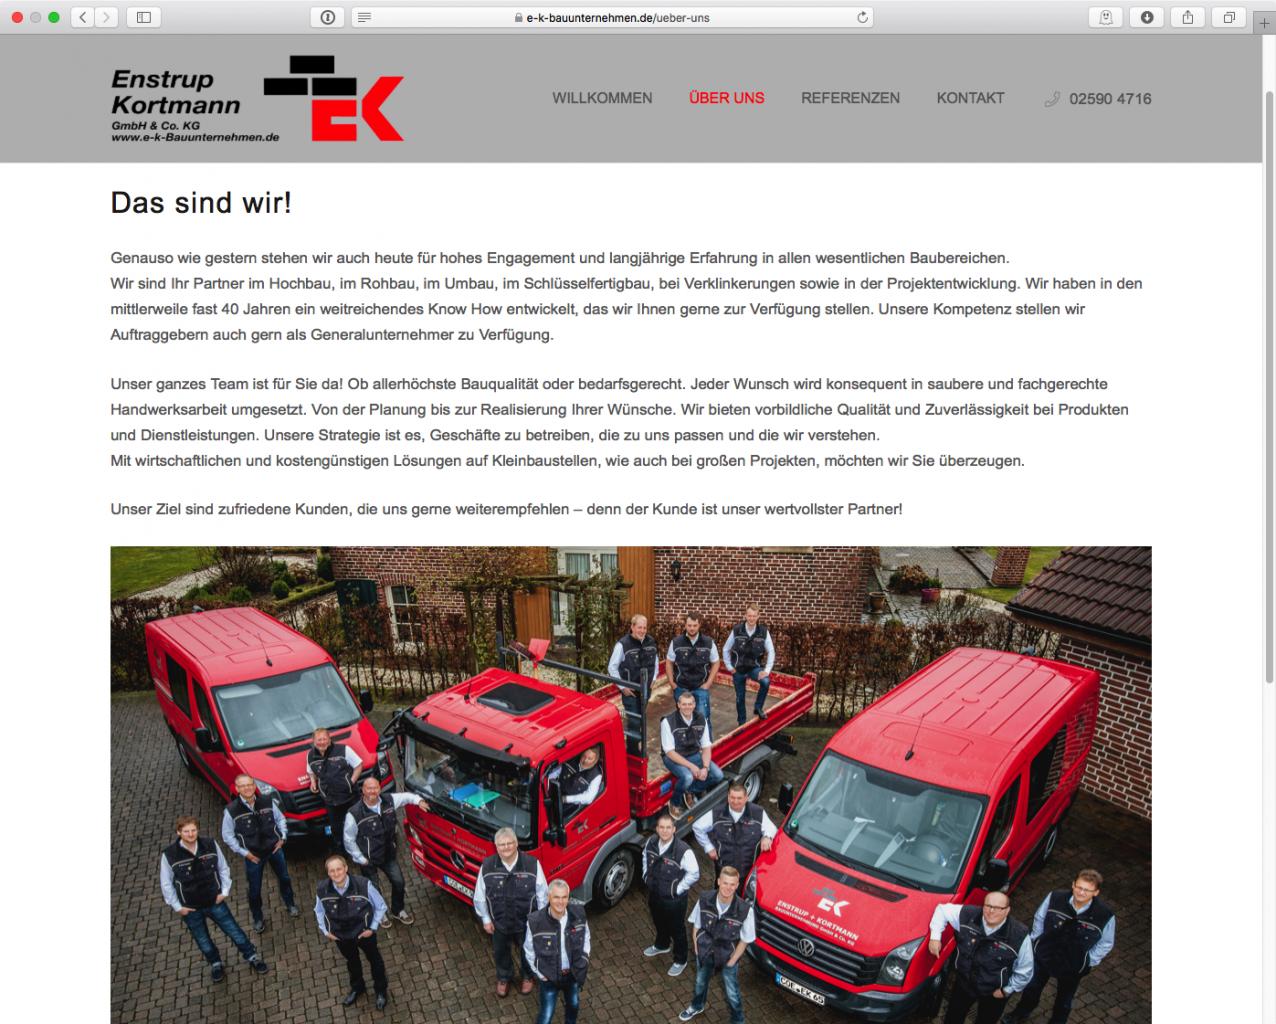 E-K-Bauunternehmen - Team